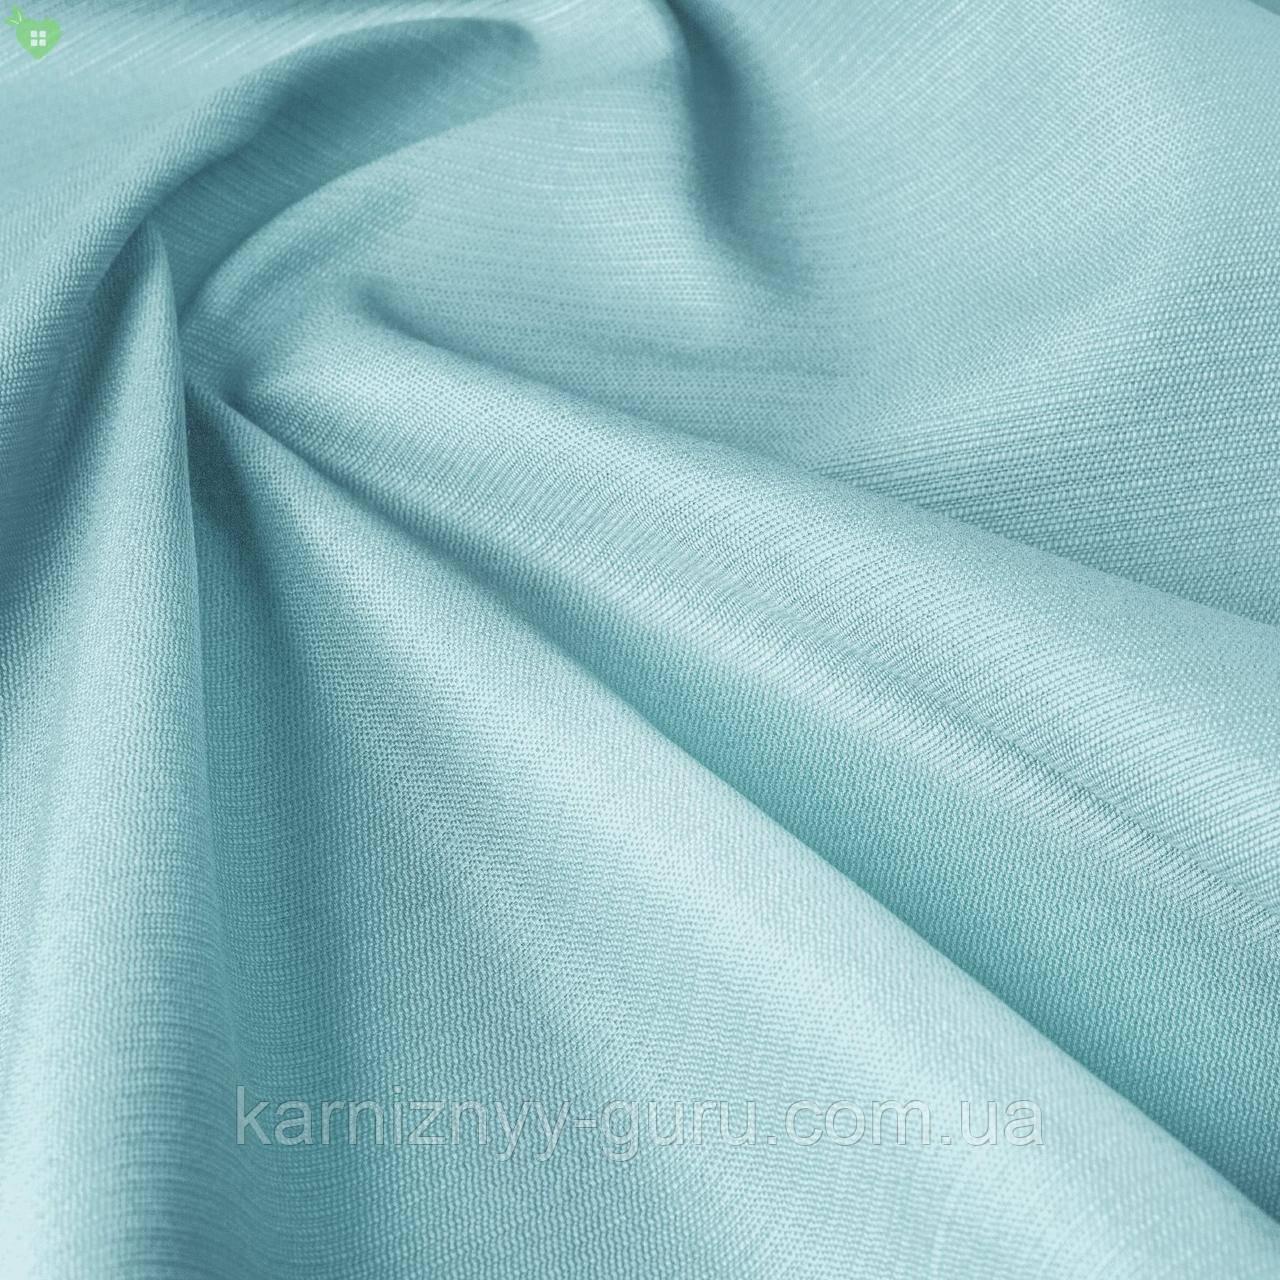 Уличная ткань фактурная голубого цвета с тефлоновой пропиткой 84323v12